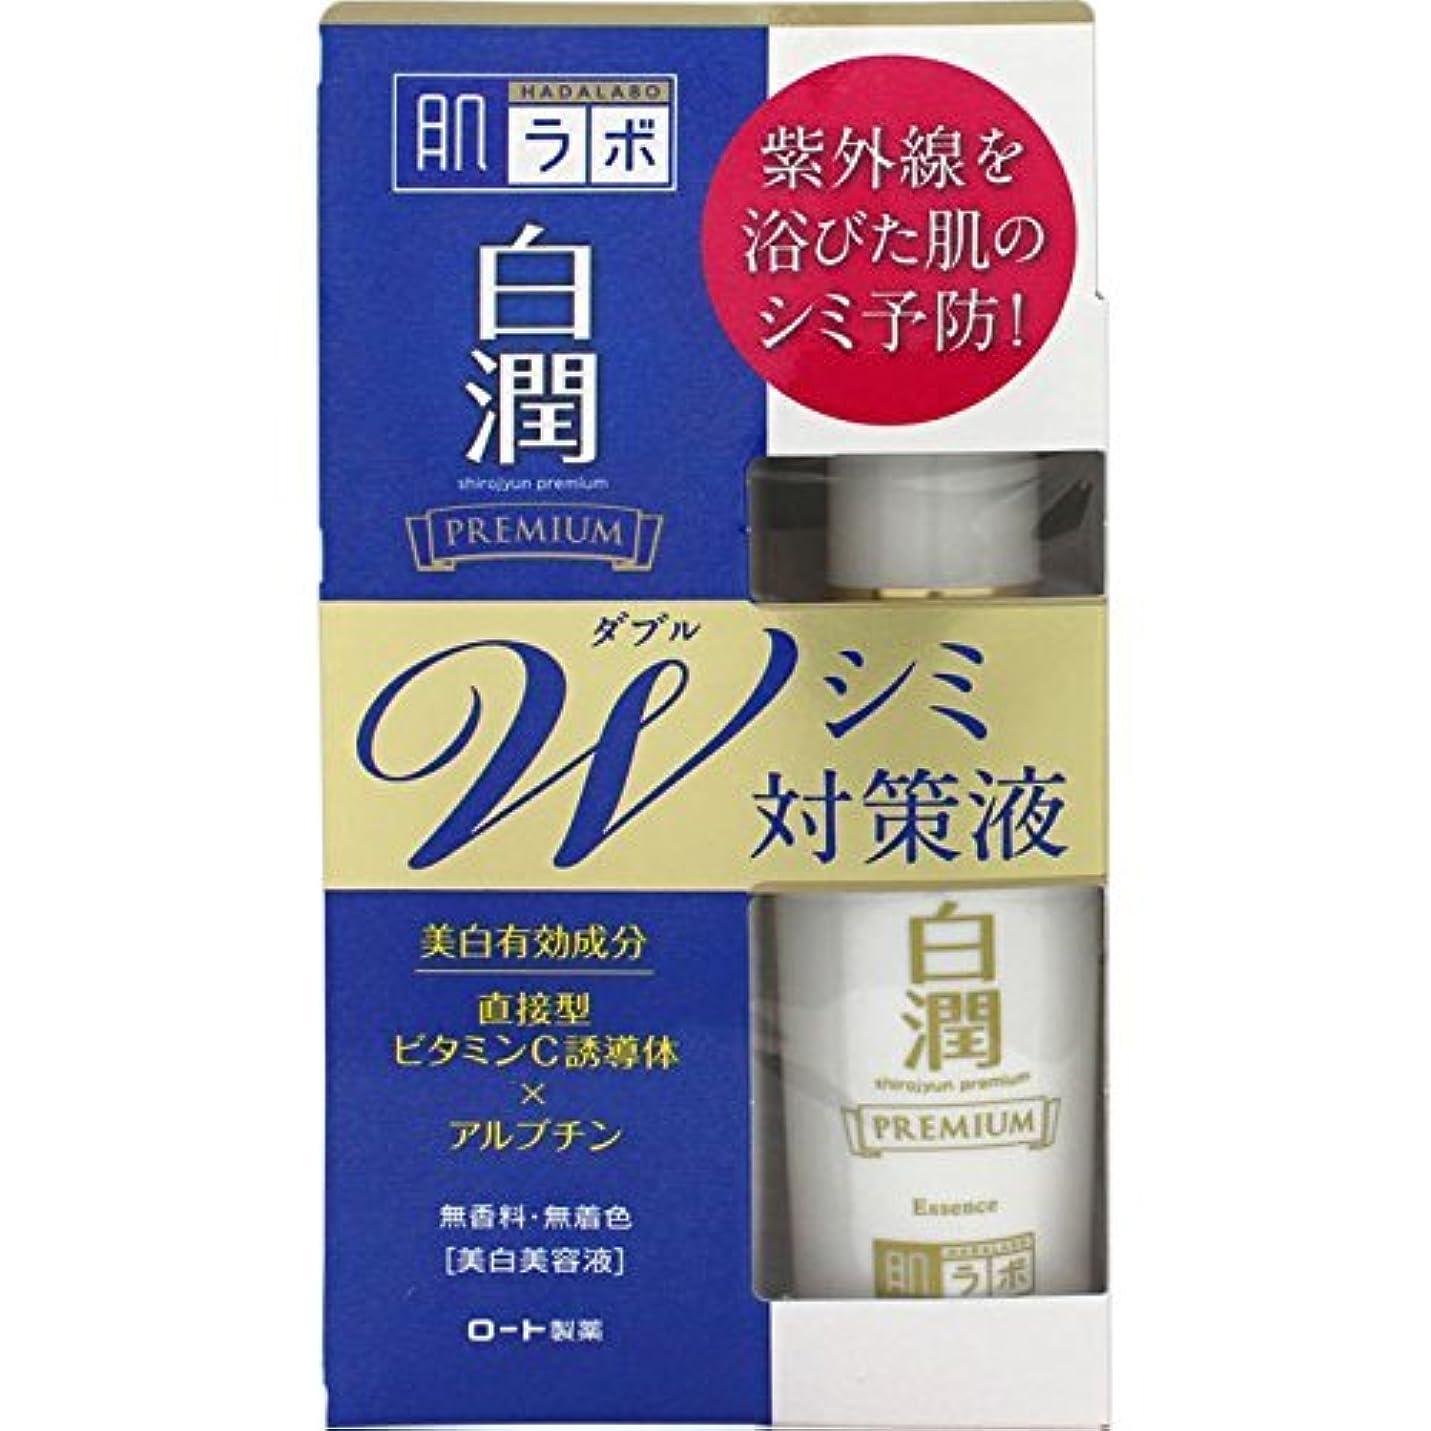 暖炉ショップ到着する肌ラボ 白潤 プレミアムW美白美容液 40mL (医薬部外品)×5